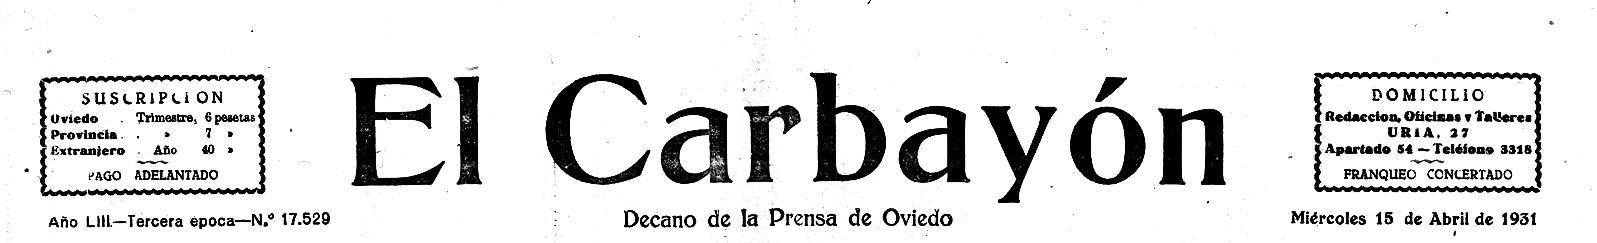 📝 José Suárez Arias-Cachero